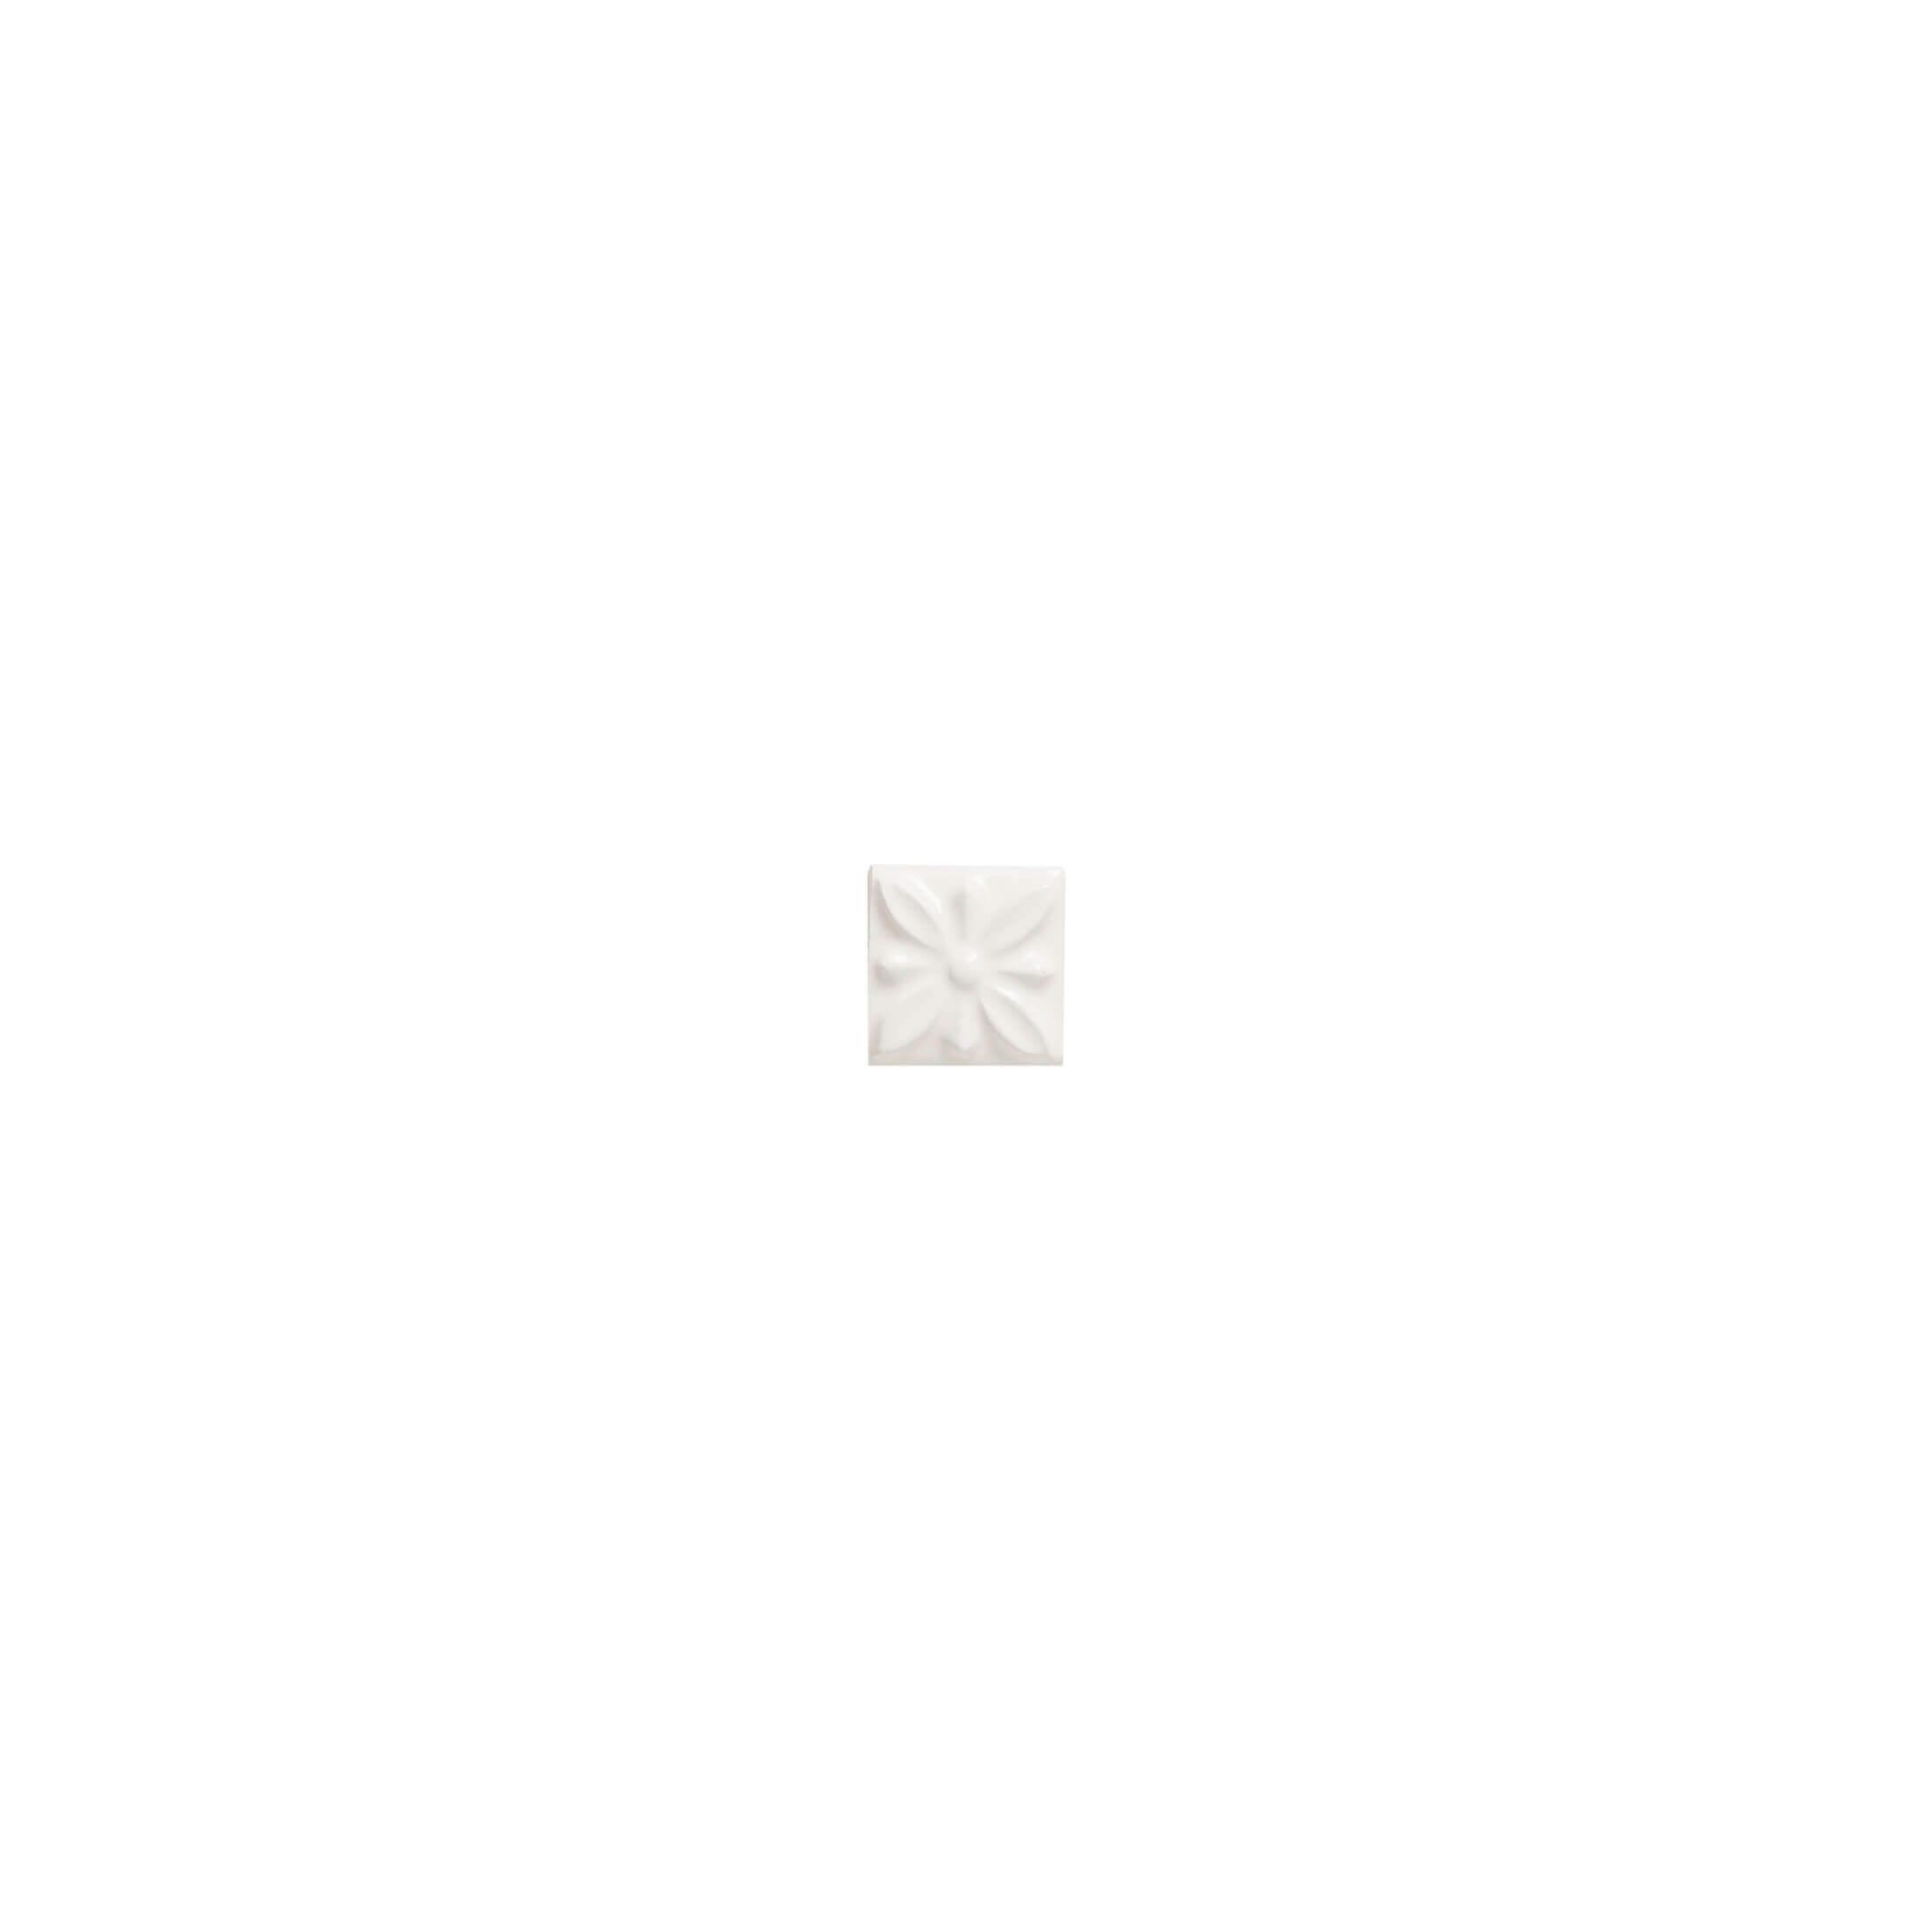 ADST4054 - TACO RELIEVE FLOR Nº 1 - 3 cm X 3 cm